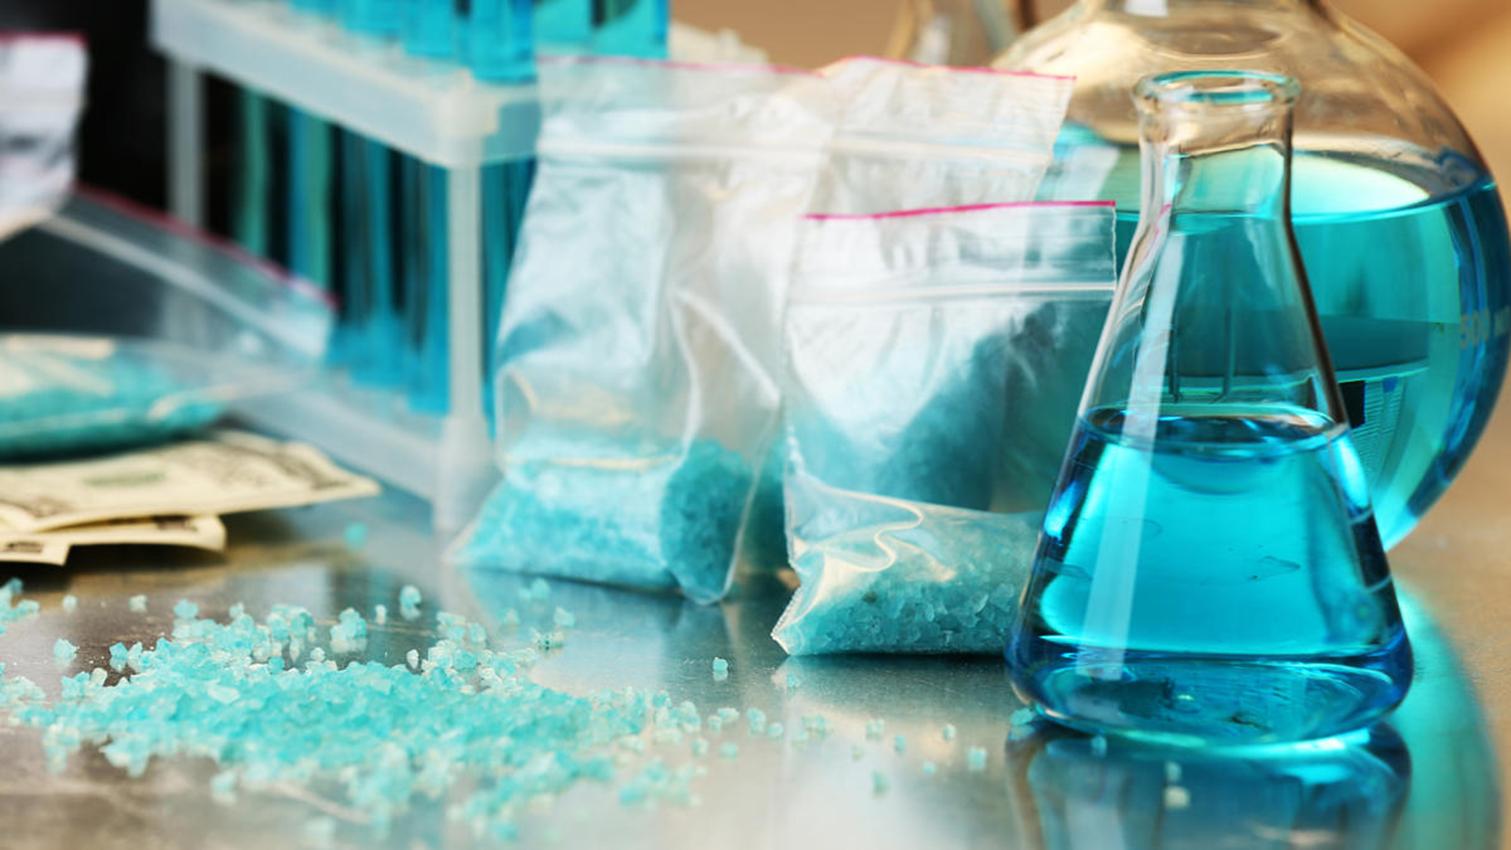 Detienen en EEUU a profesores de química acusados de fabricar metanfetamina